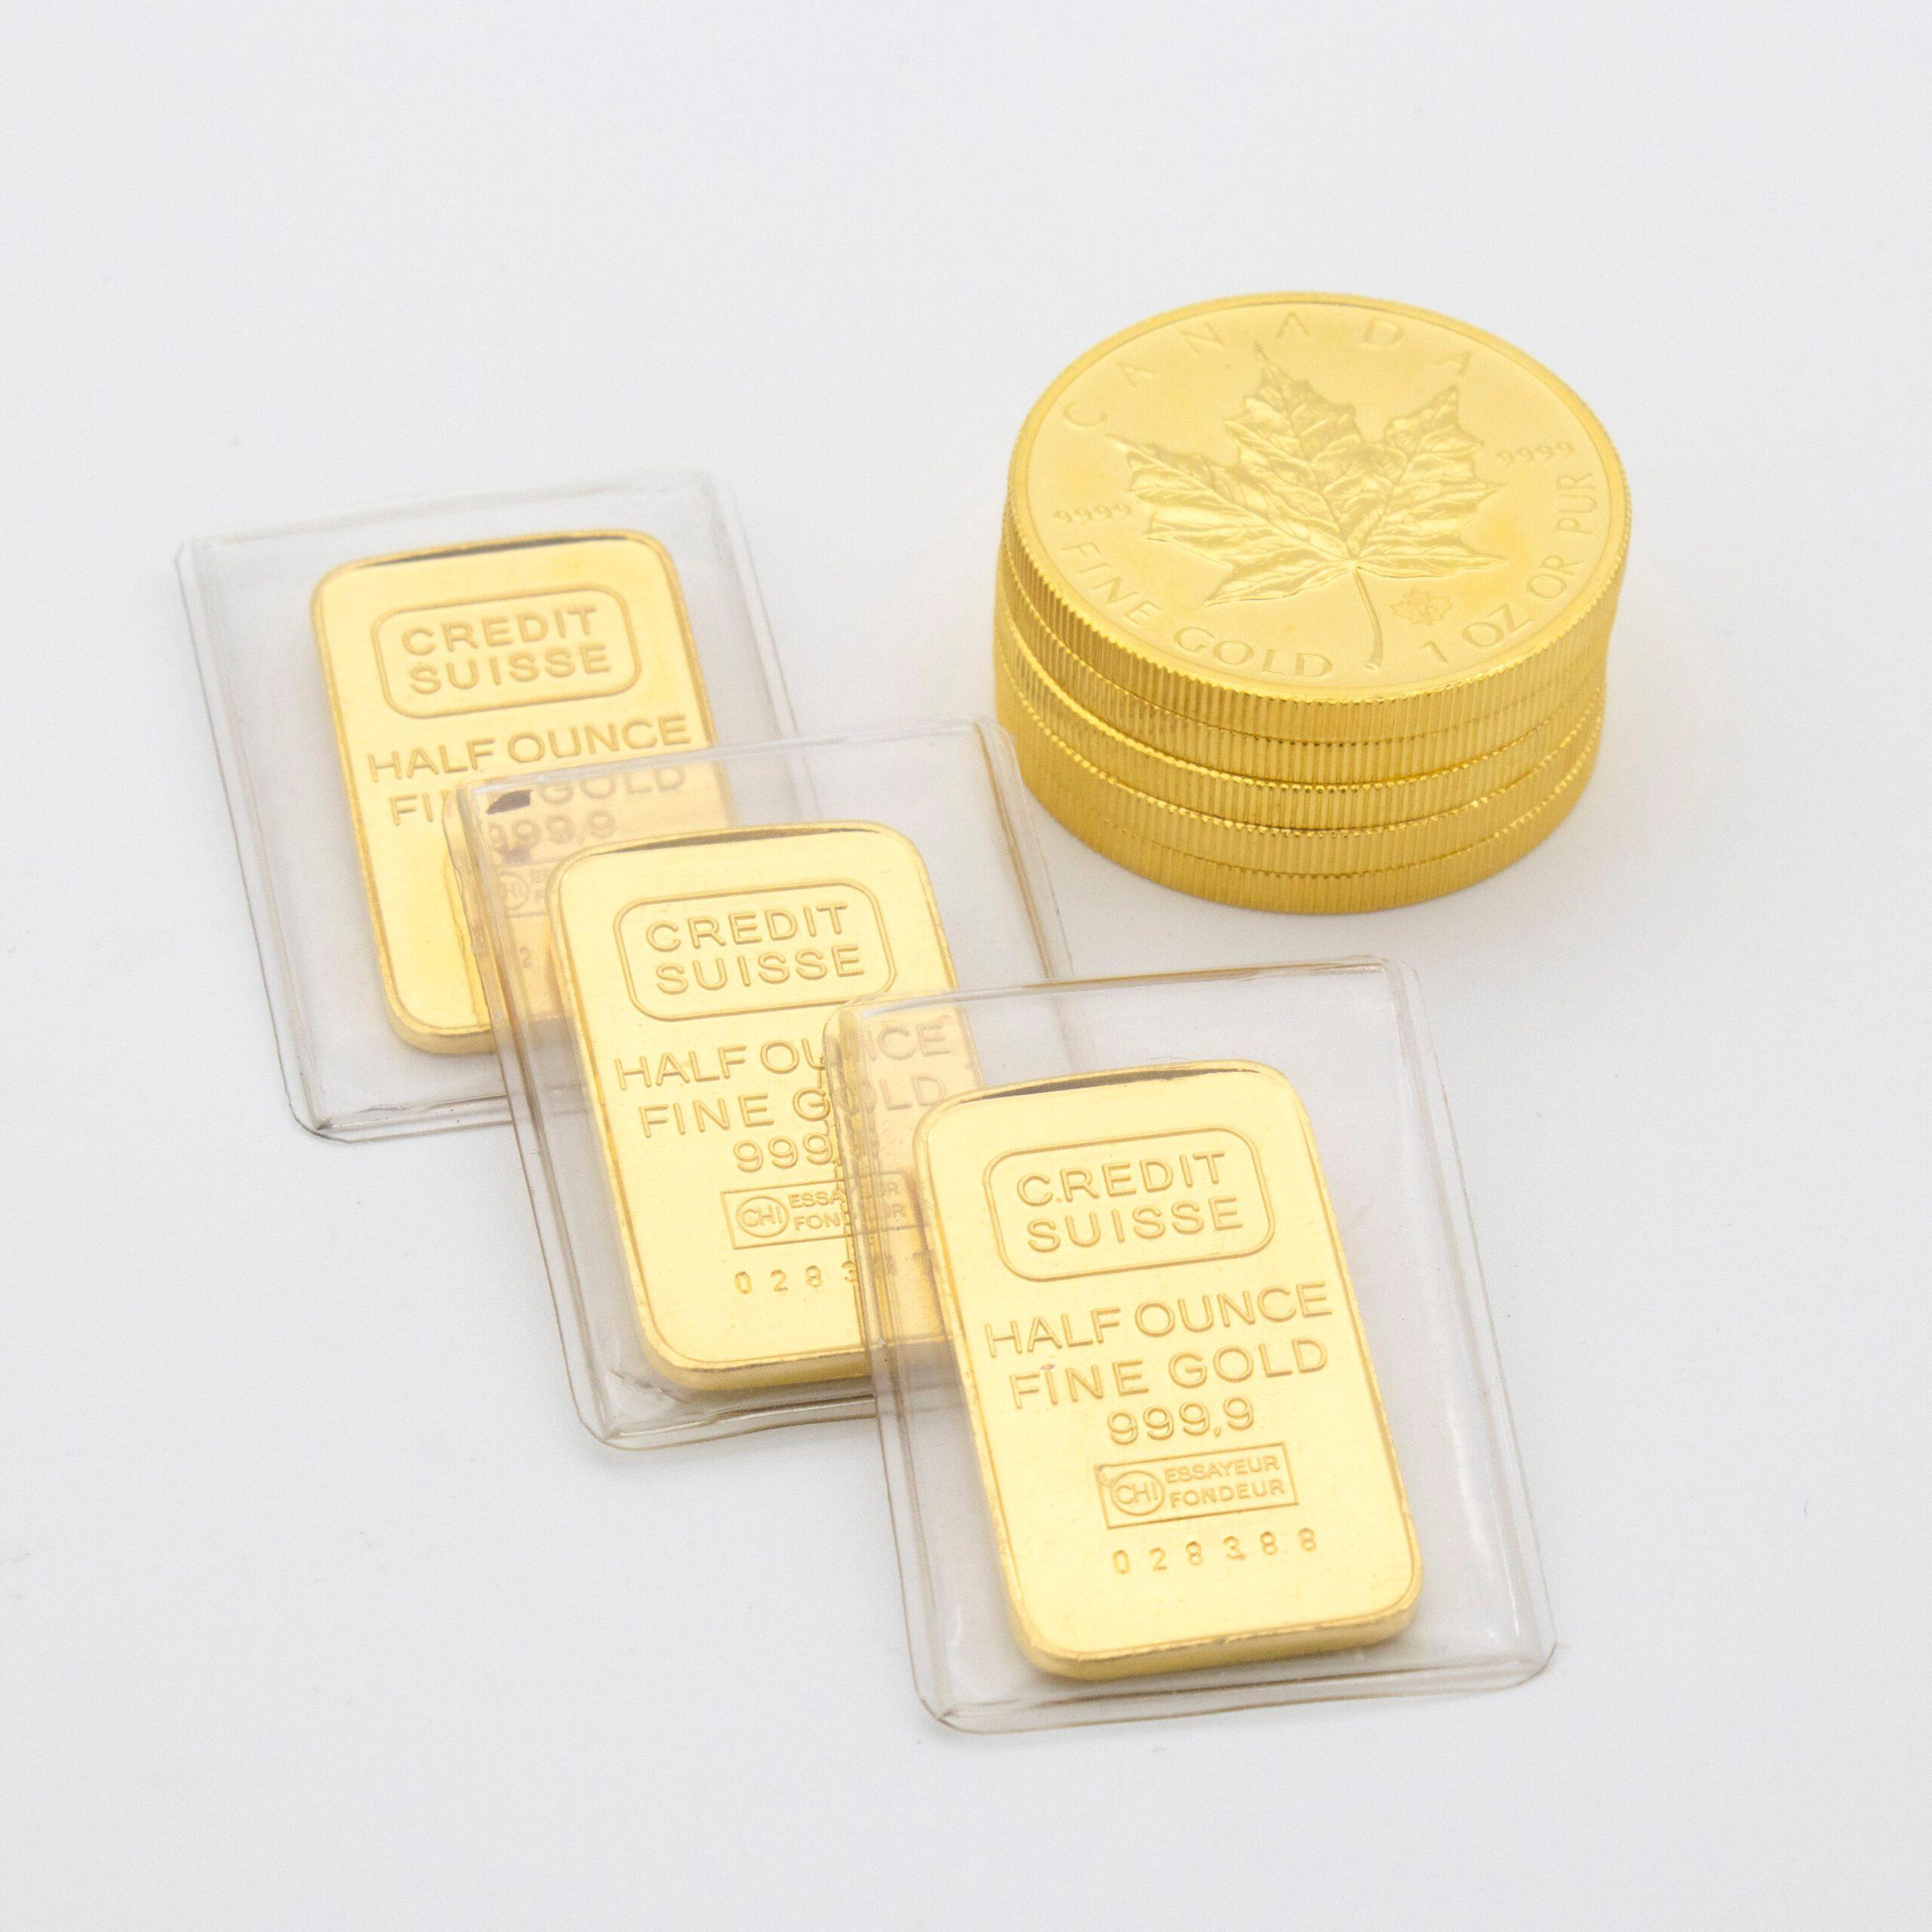 Gold! – eine sichere Anlage, oder? Der Fall PIM Gold GmbH